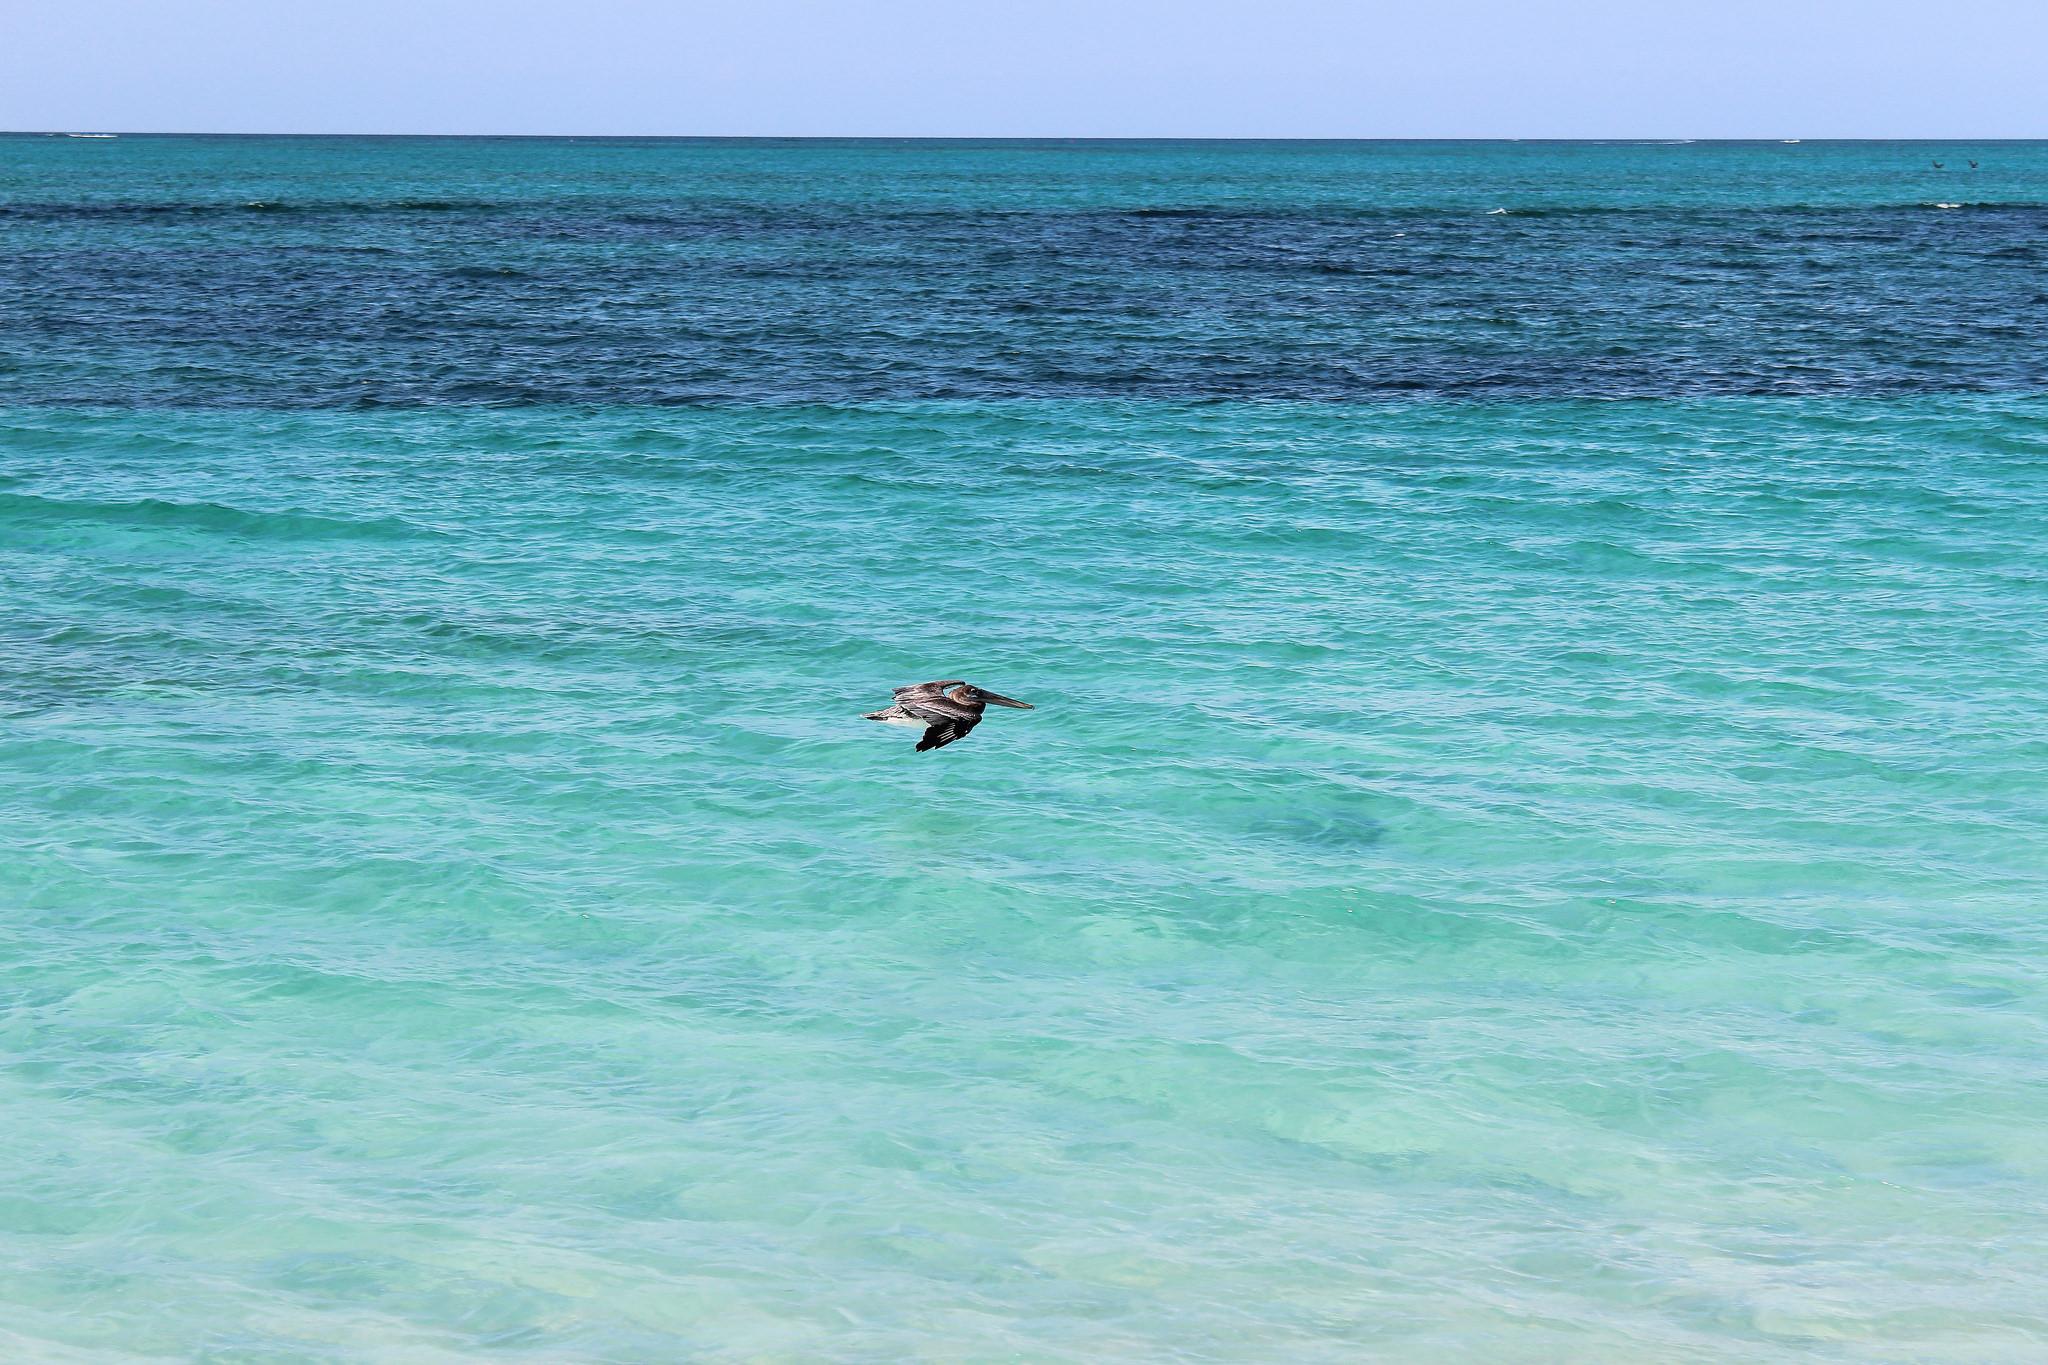 capturas de peces en el Mar Caribe